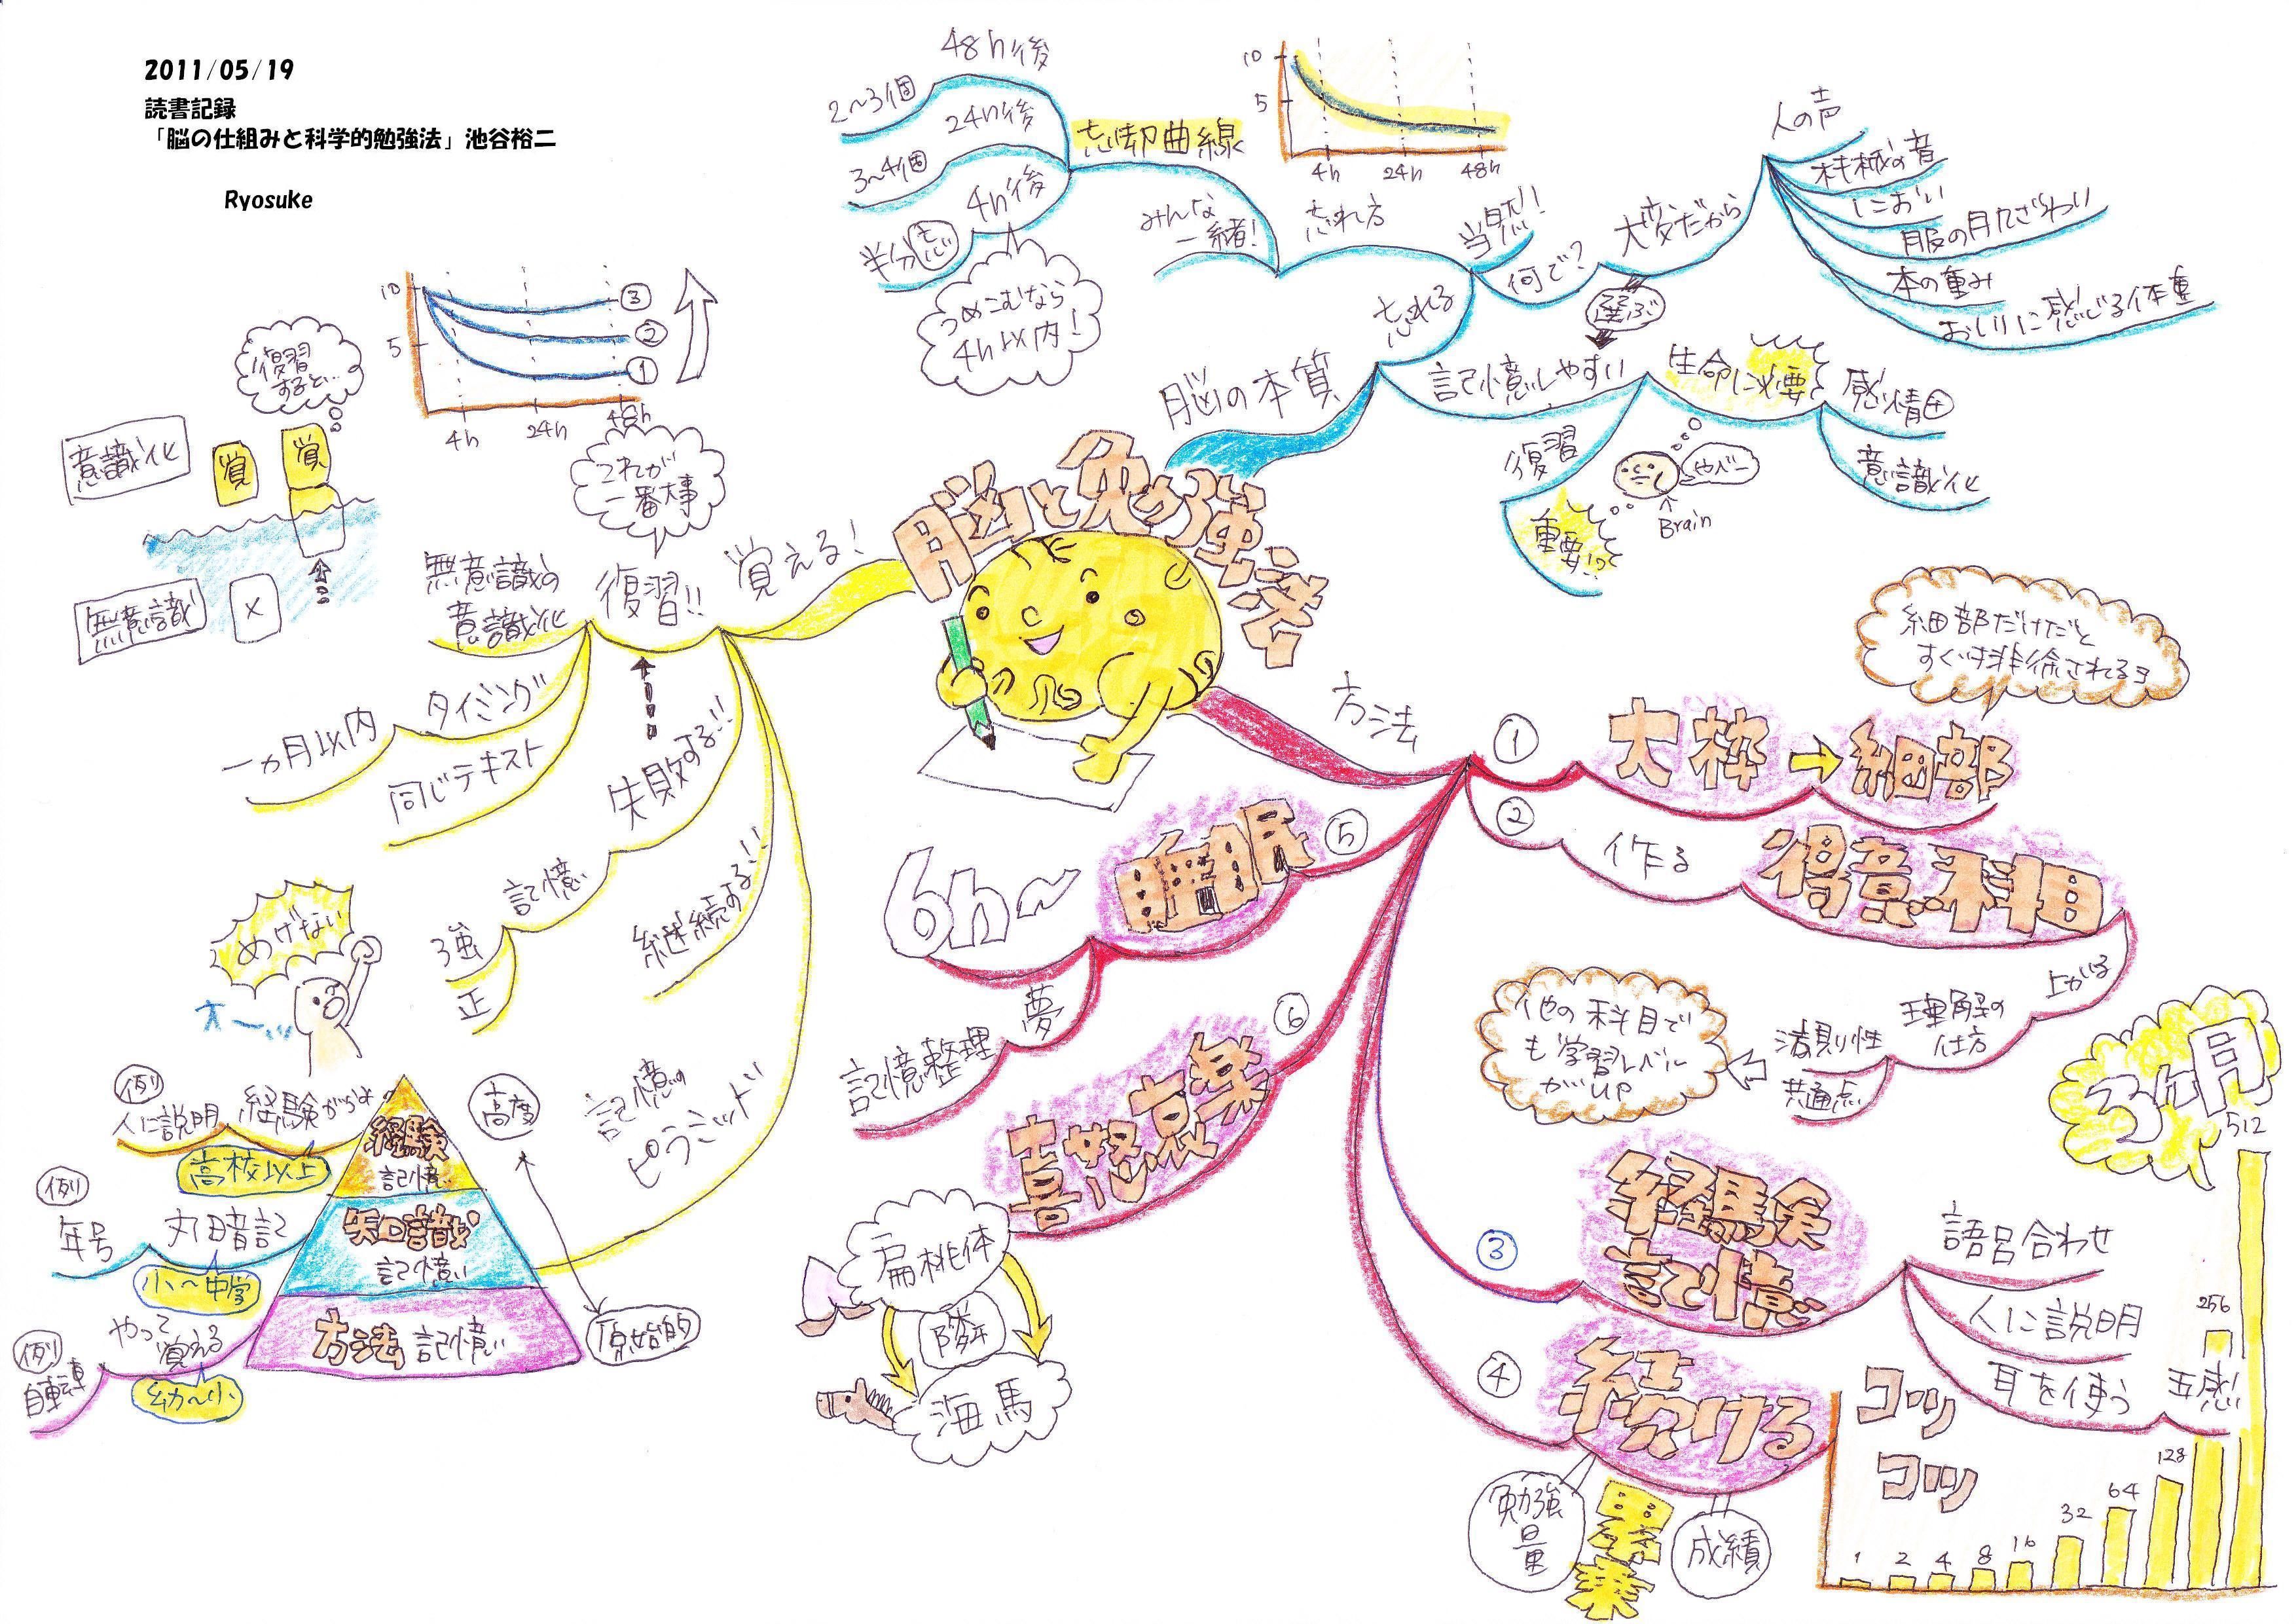 読書記録「脳の仕組みと科学的勉強法」